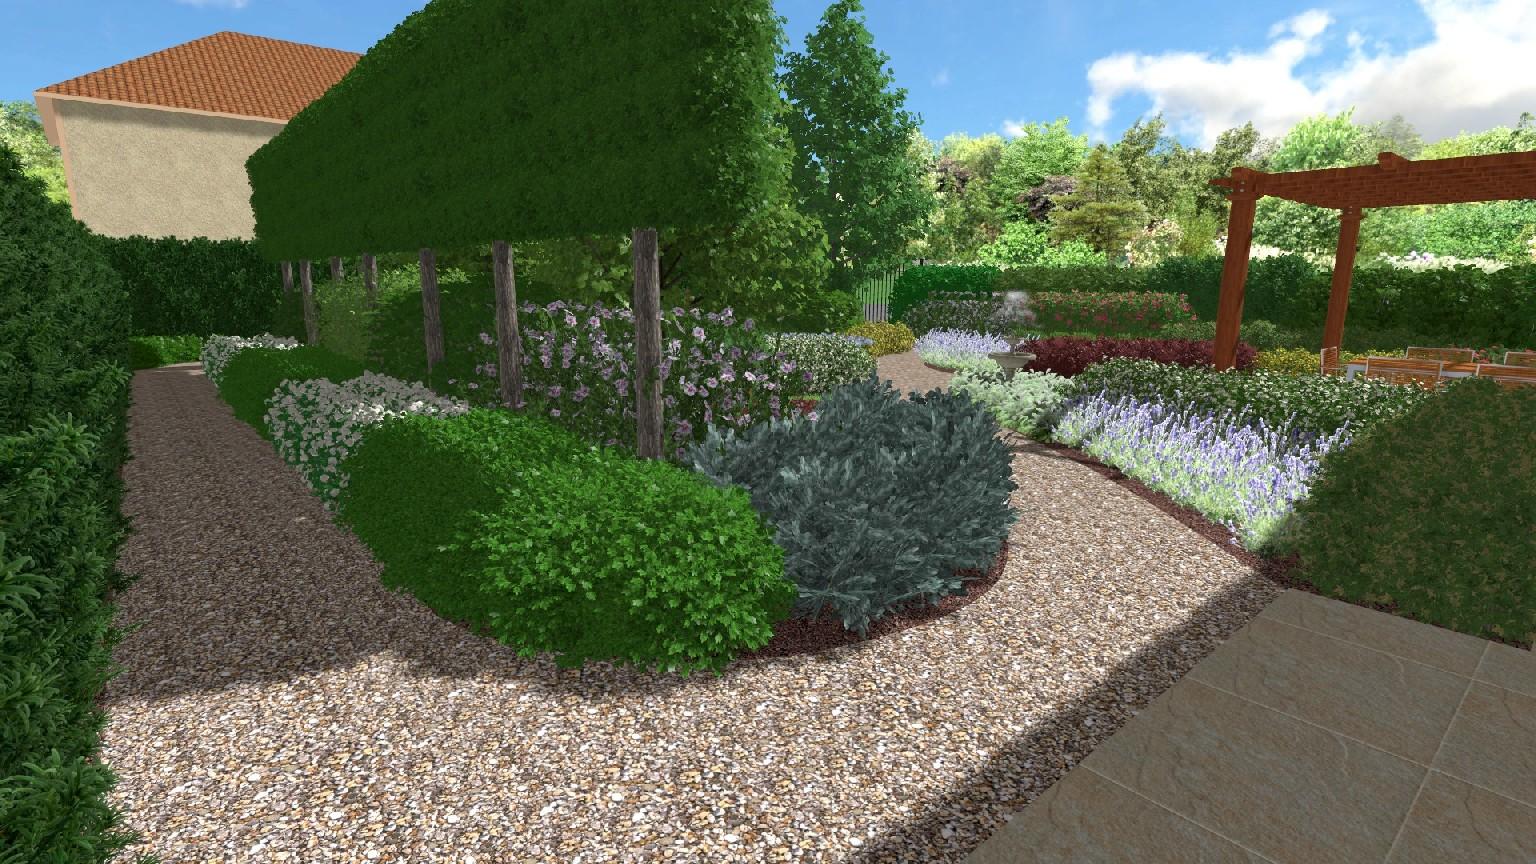 Awesome with immagini di giardino for Giardino di ninfa orari